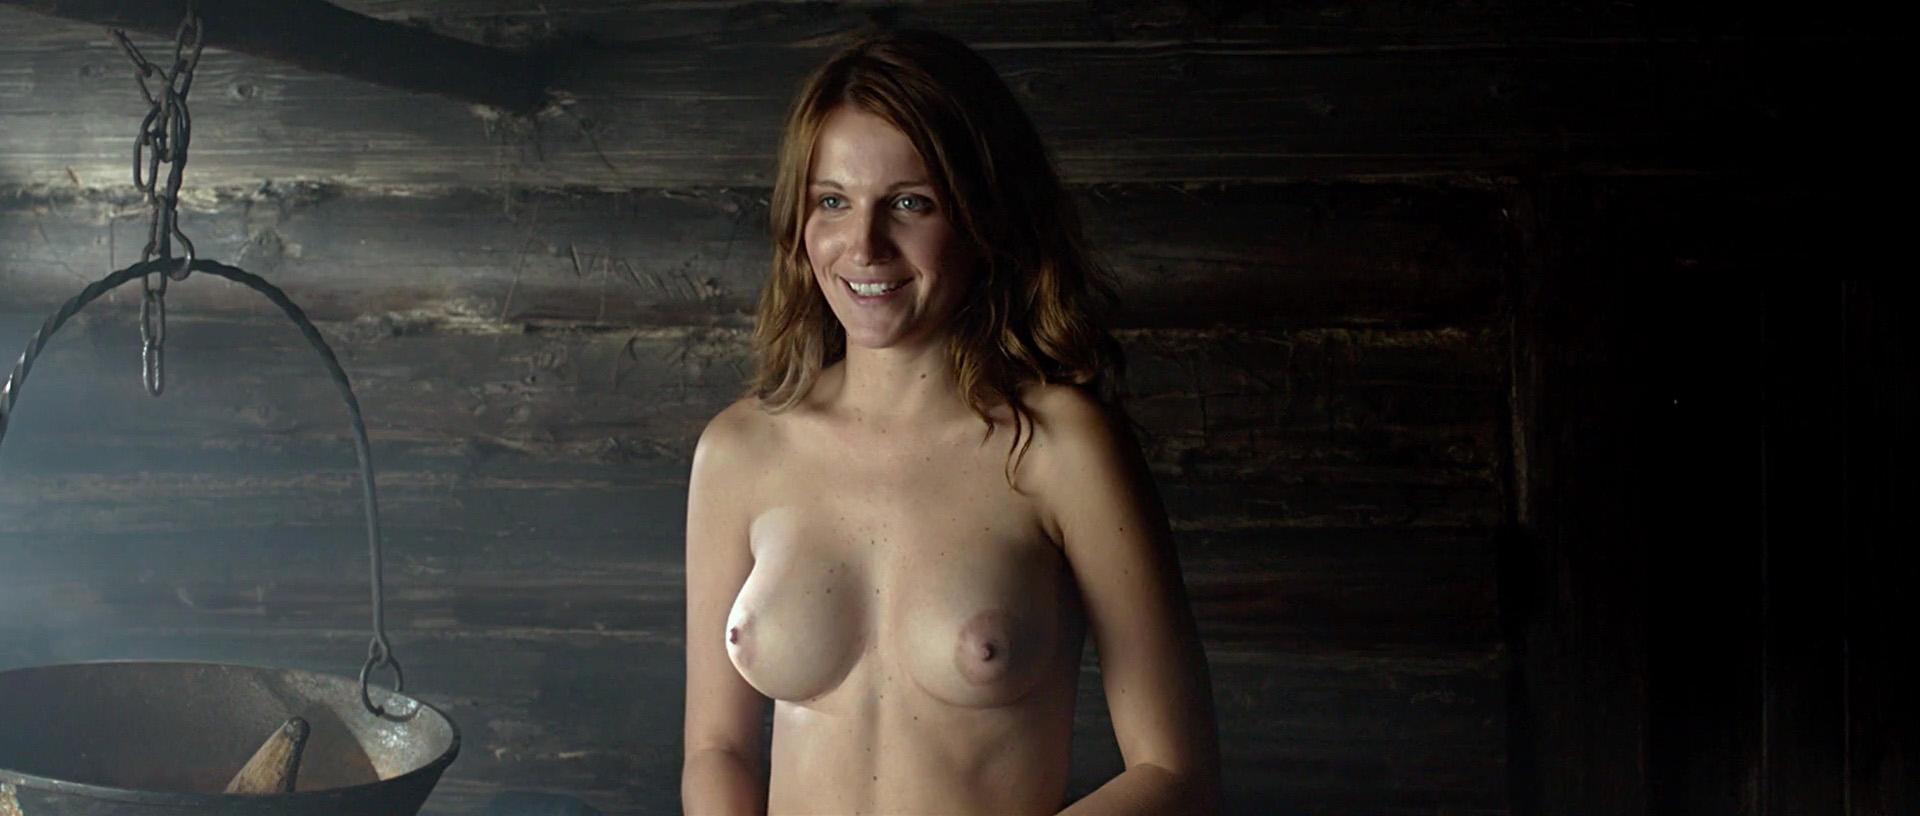 Клёвый фильм голые девушки должно